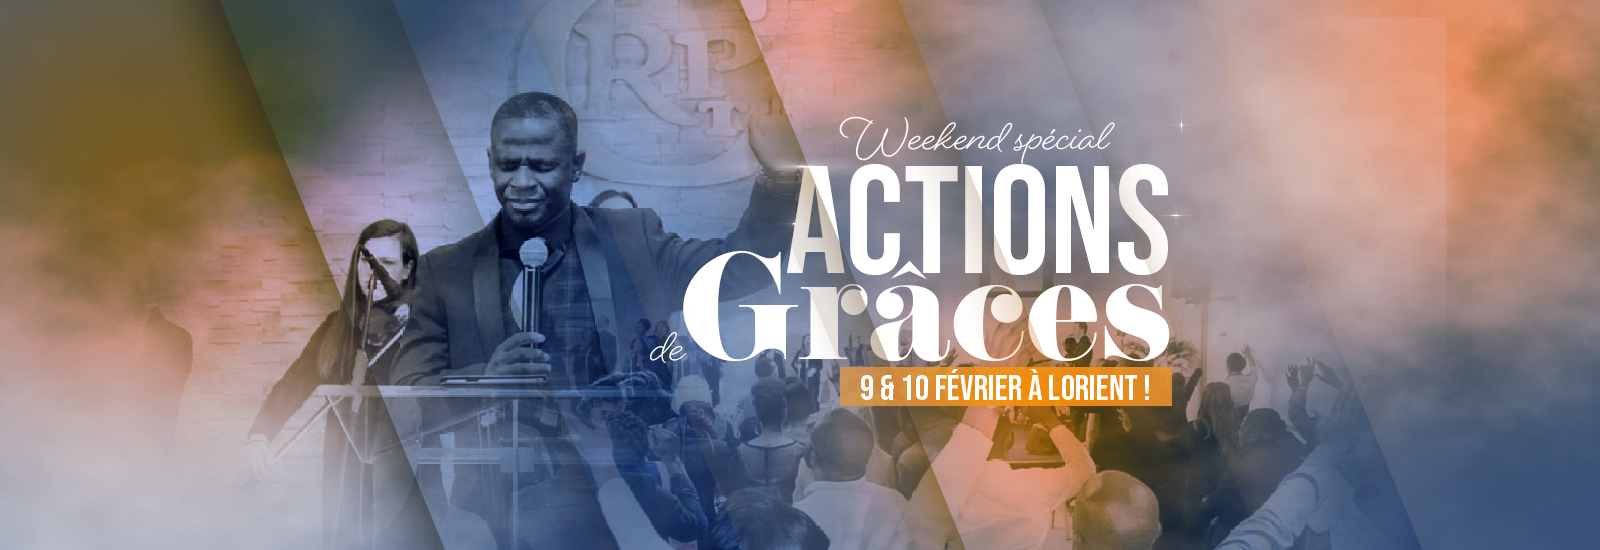 action-de-grace-2019